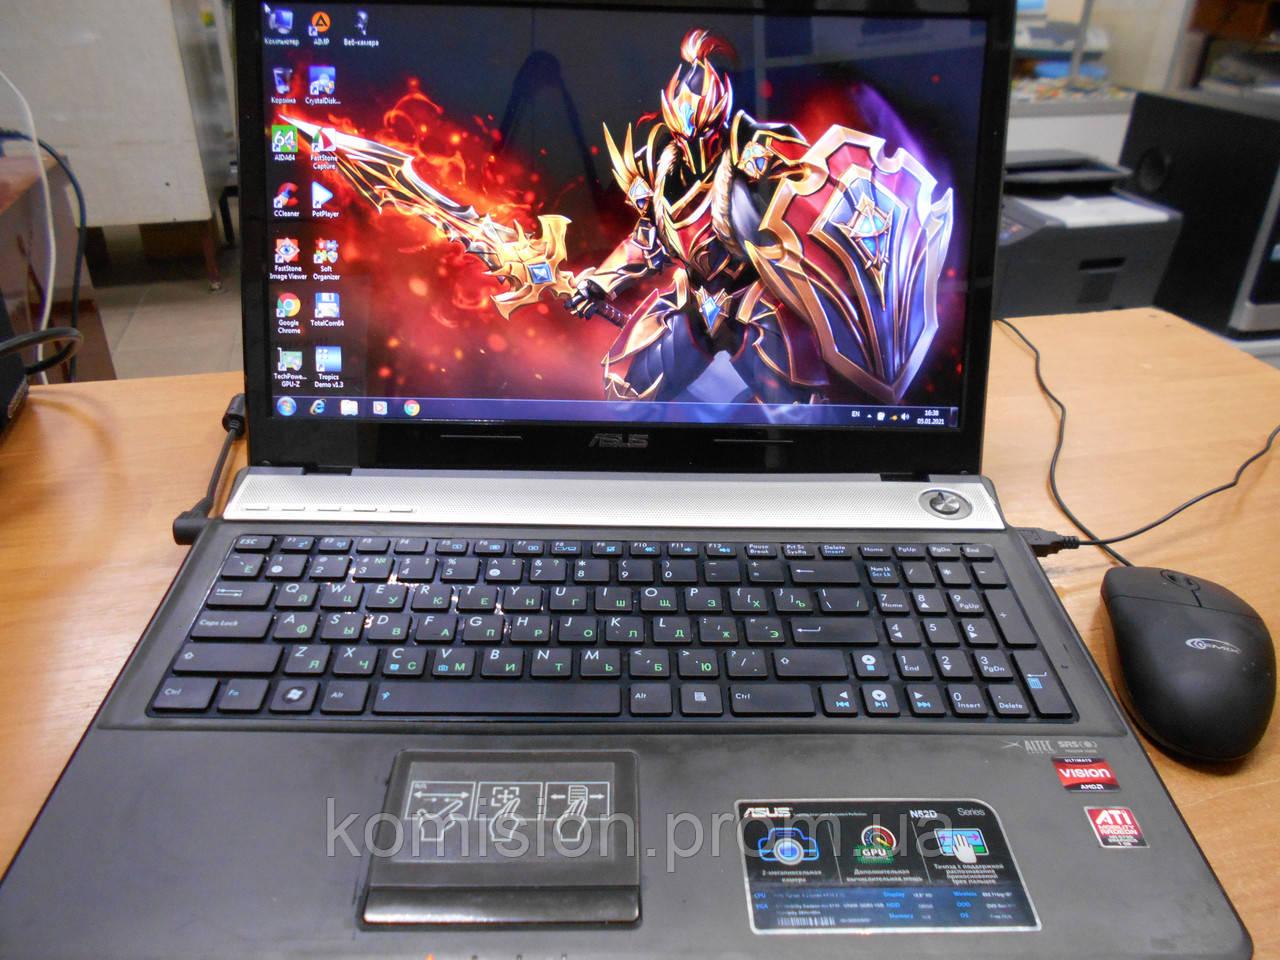 Ноутбук ASUS N61DA 16 AMD Phenom P920 1,6 GHz 4 ядра DDR3